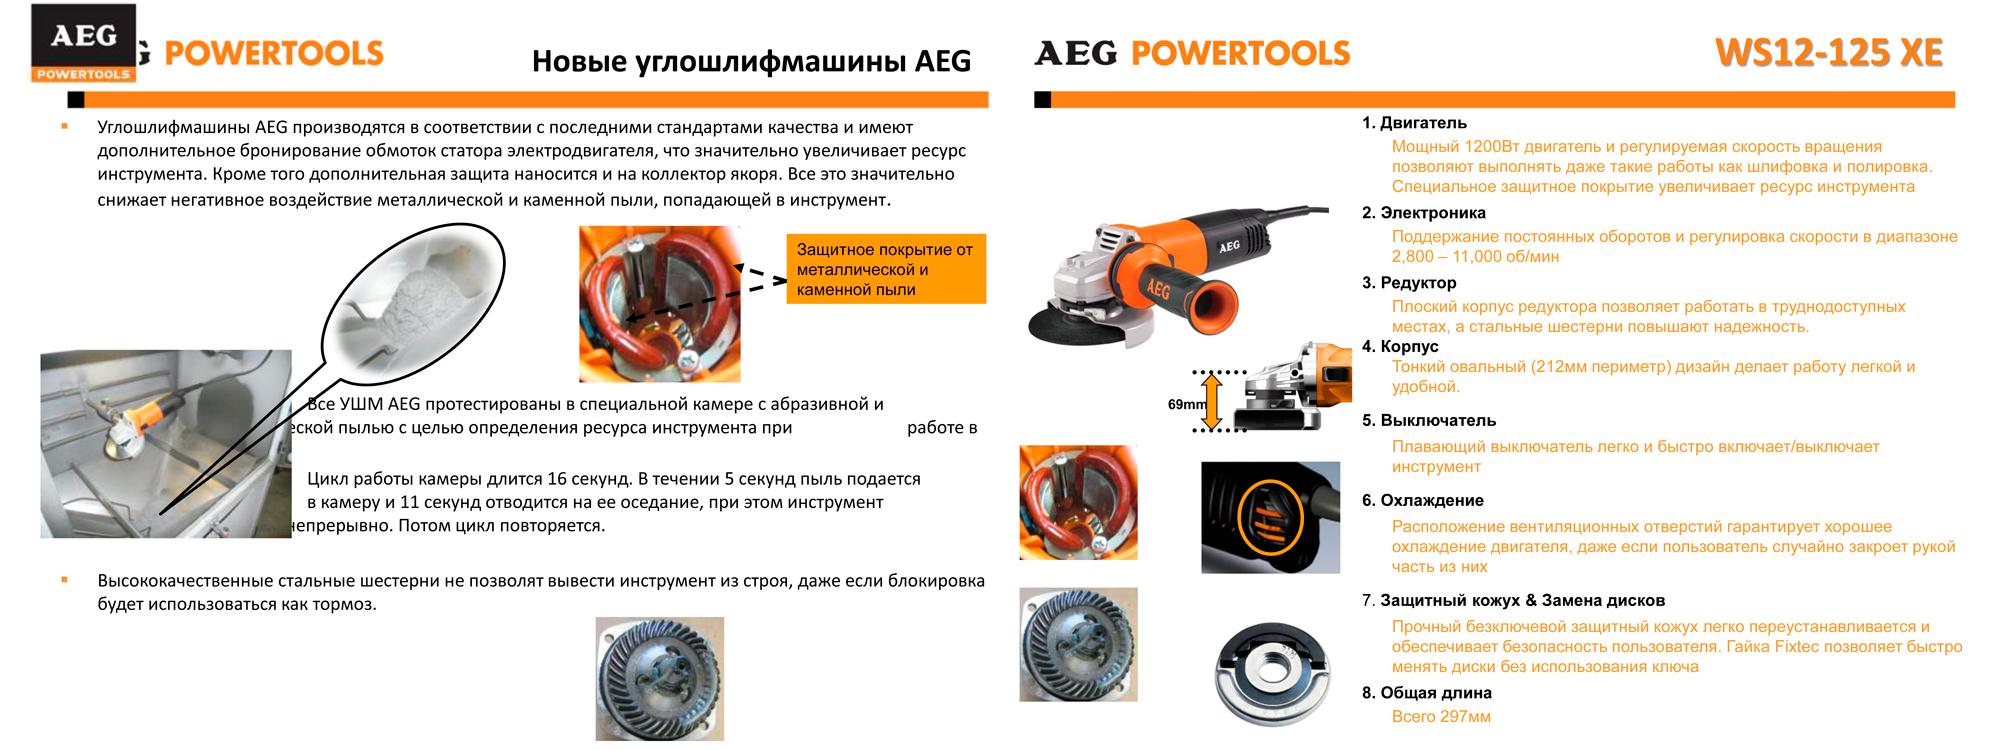 Малые болгарки (угловые шлифмашины) AEG